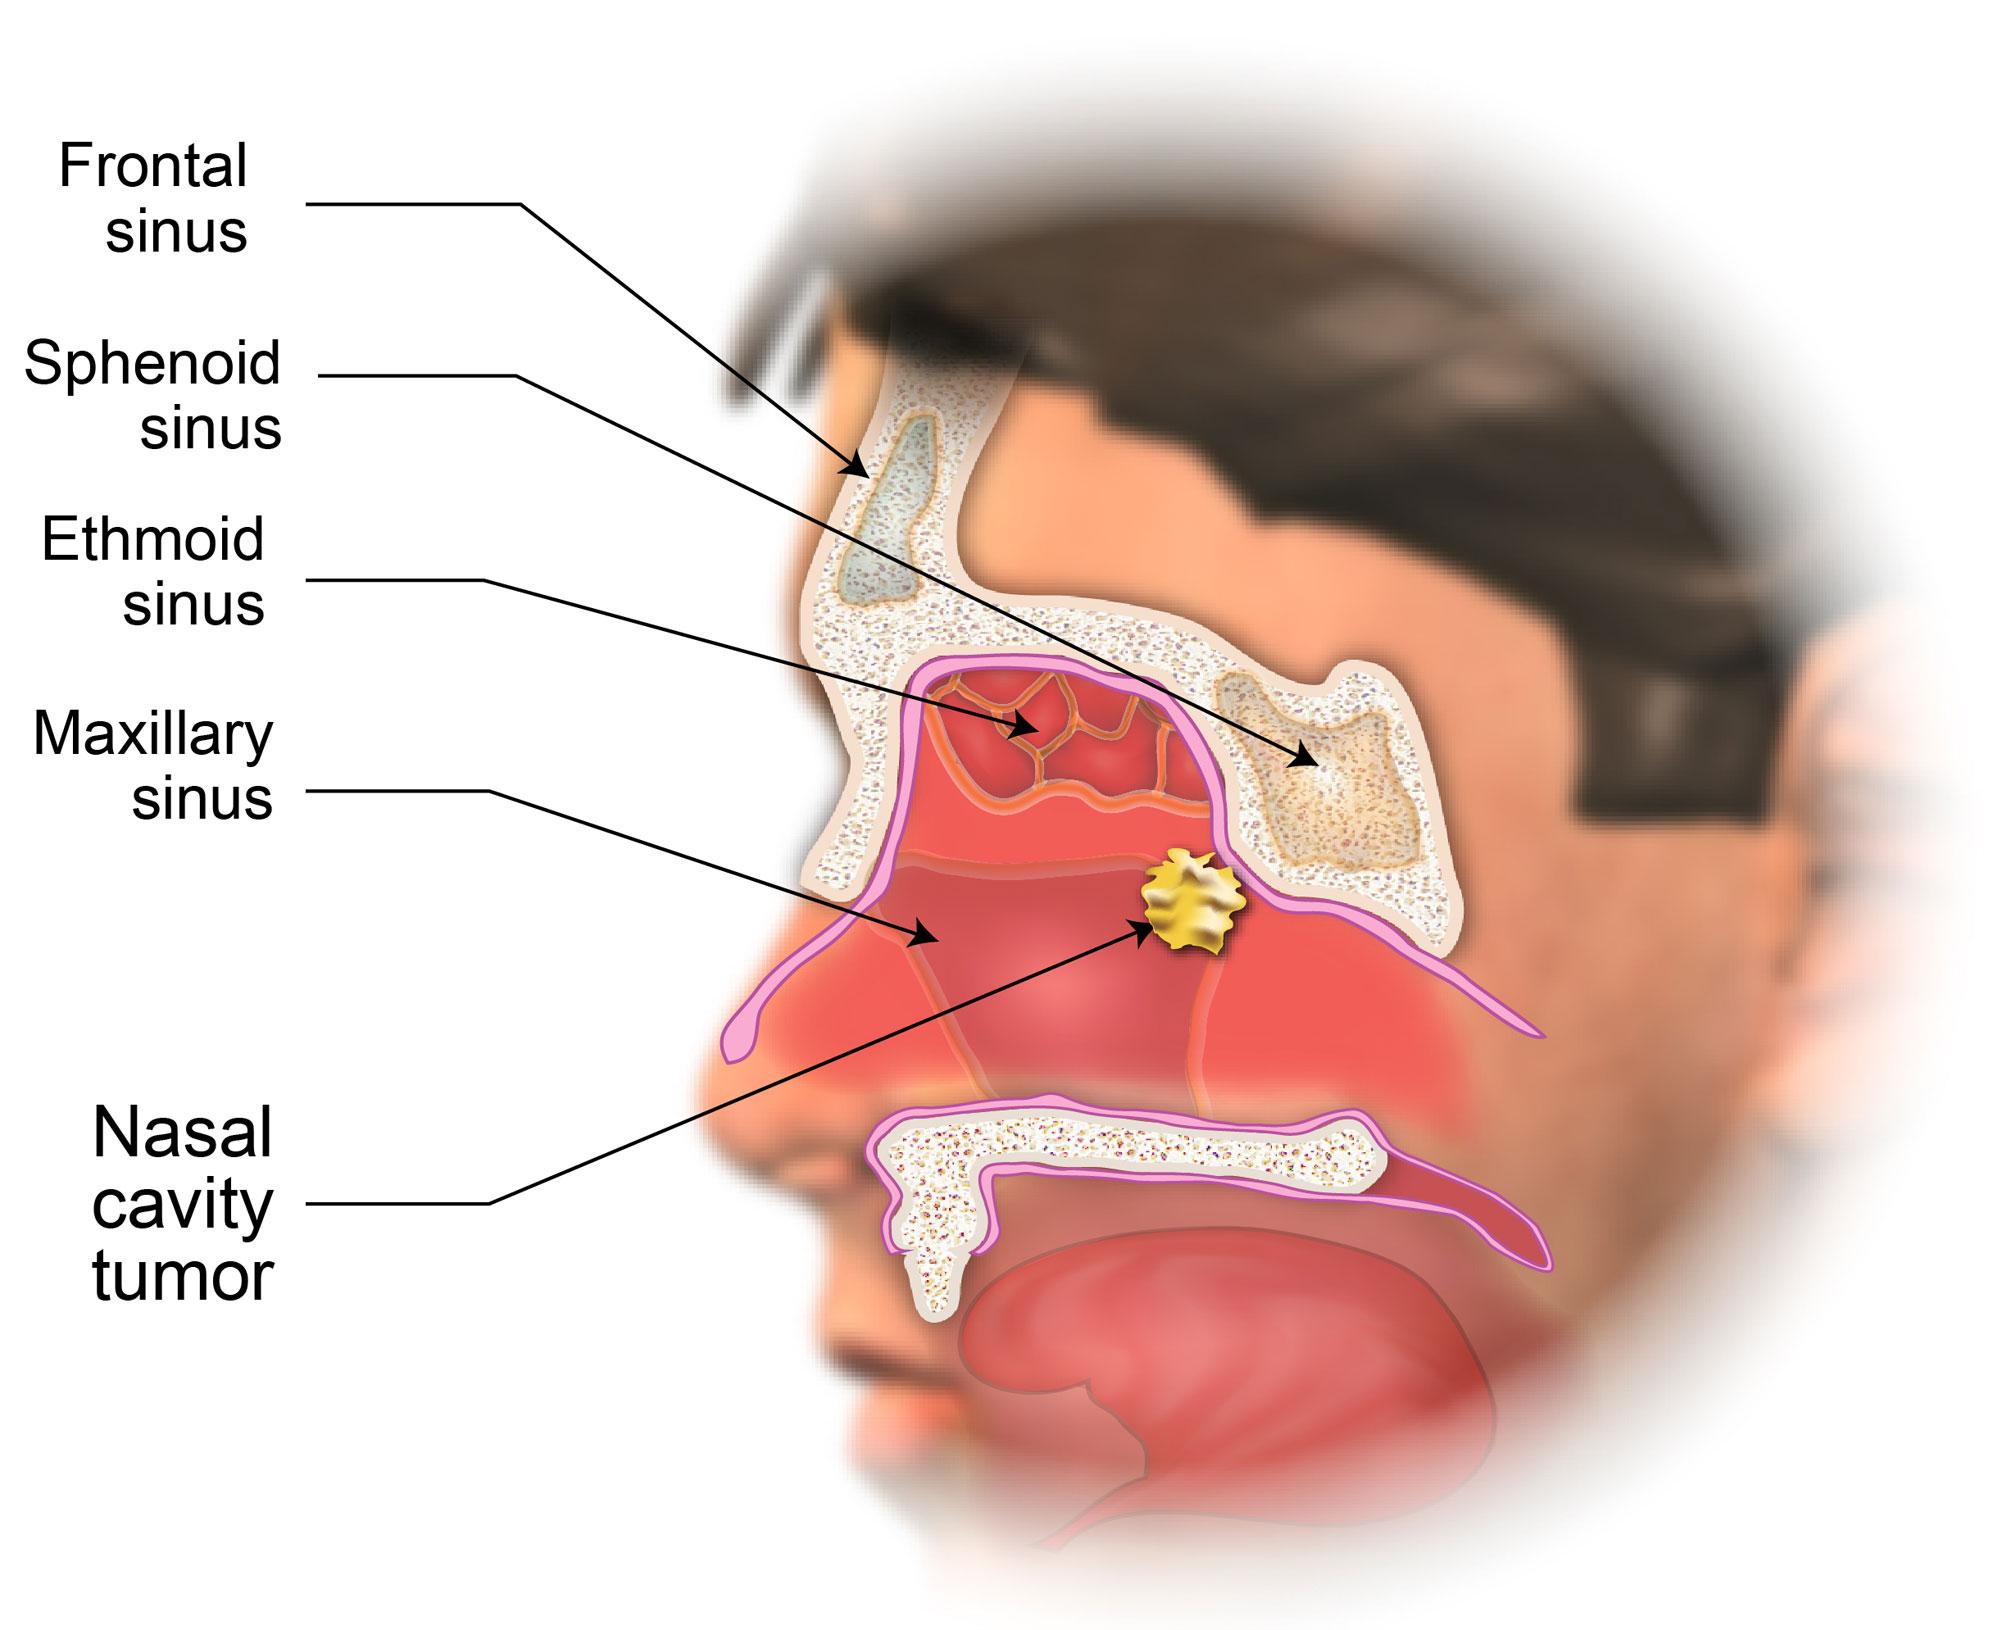 Advances in Nasal Cavity and Paranasal Sinus Cancer Treatment Advances in Nasal Cavity and Paranasal Sinus Cancer Treatment new images